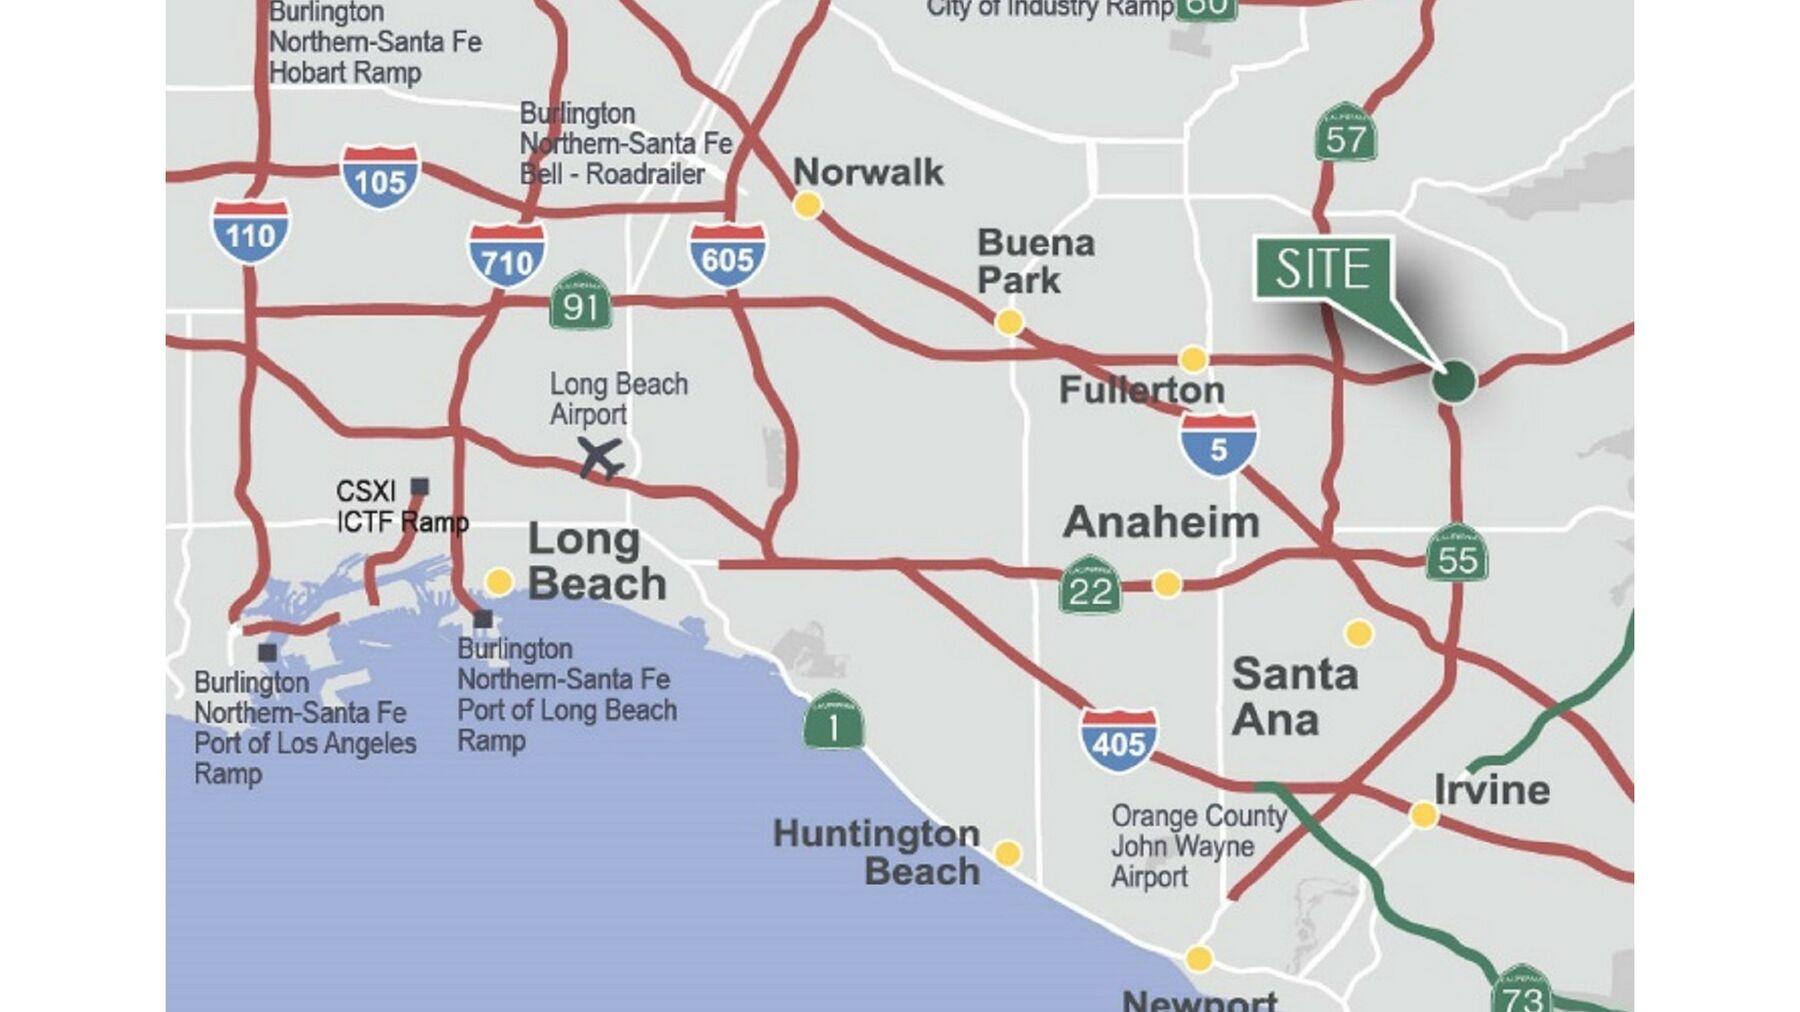 DPM-Anaheim-IC-13_2.jpg